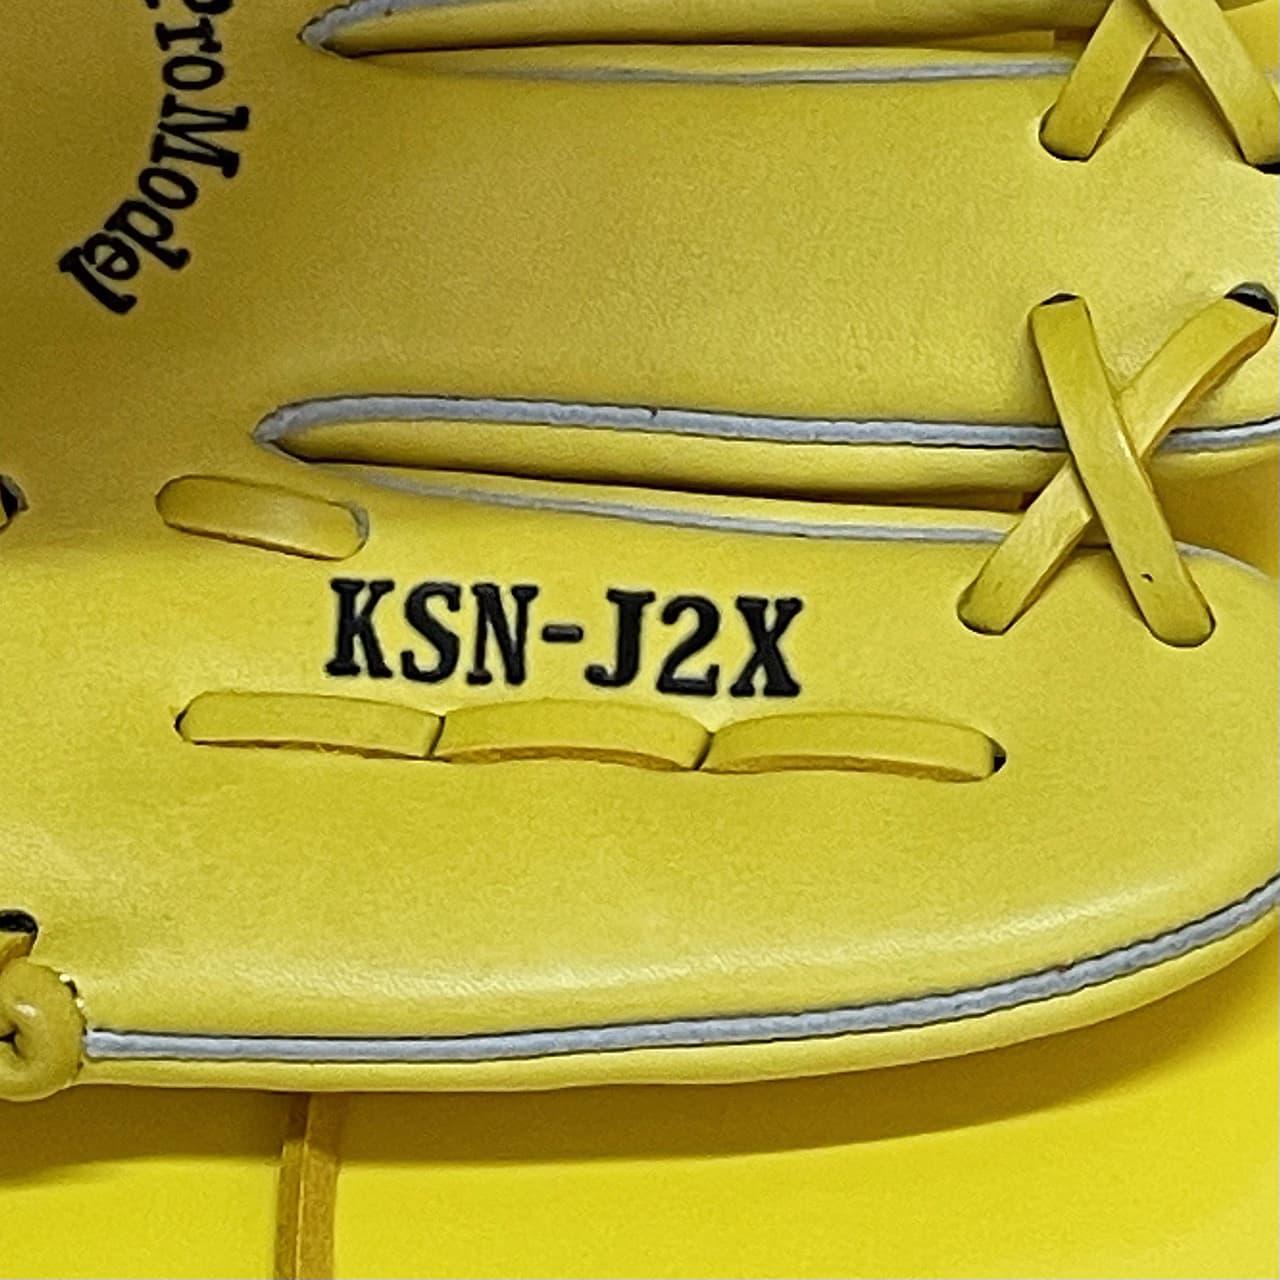 【久保田スラッガー】少年野球用軟式グラブ(グローブ):KSNJ2X(限定)品番